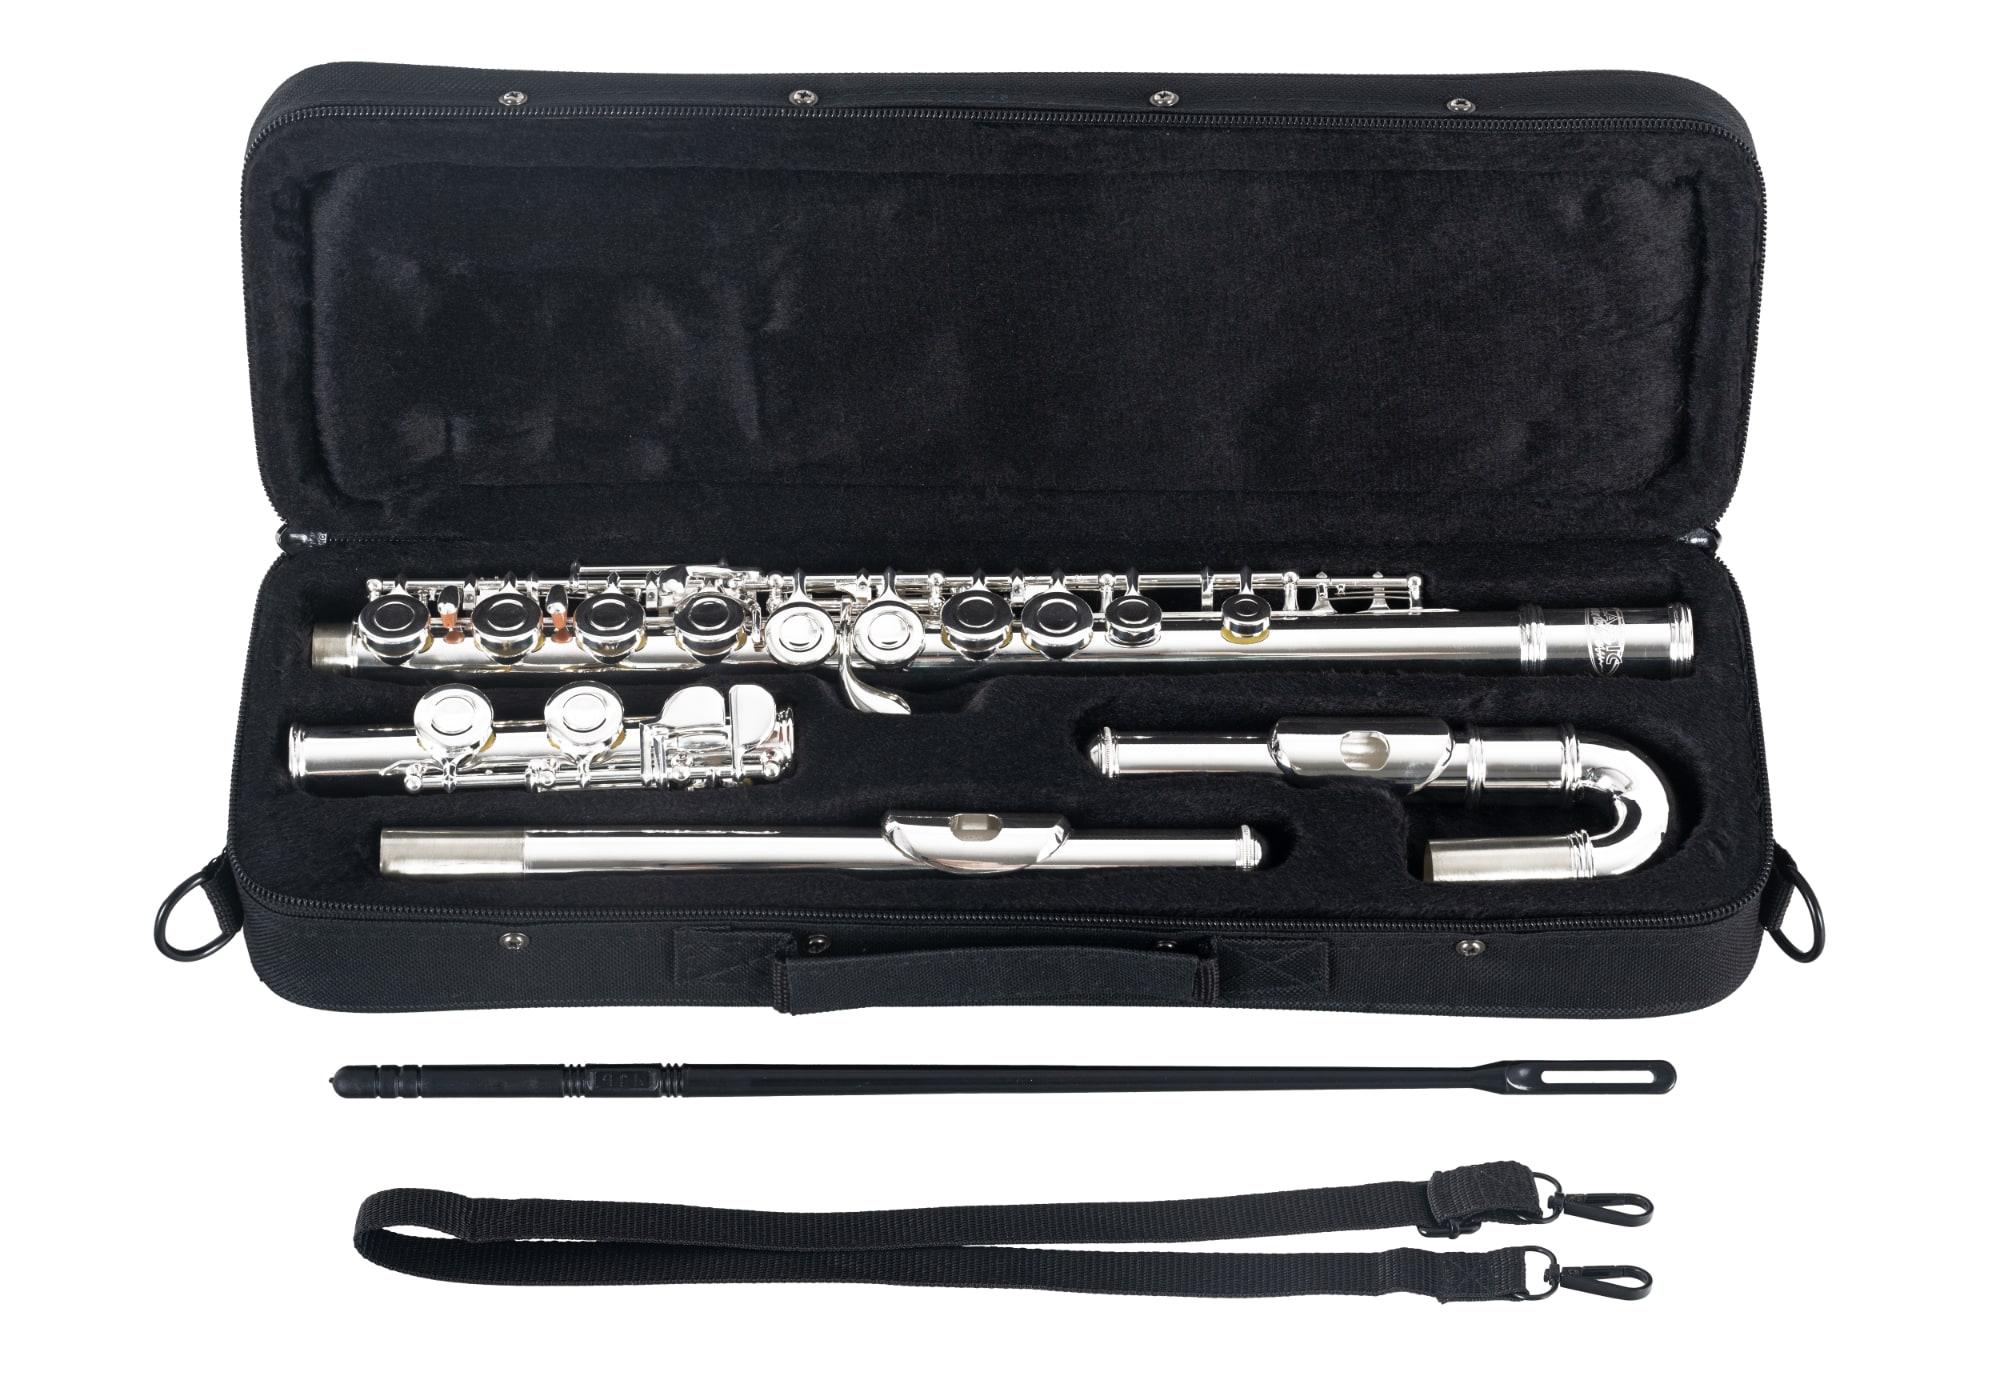 Sonstigeblasinstrumente - Classic Cantabile FL 200U Querflöte versilbert - Onlineshop Musikhaus Kirstein